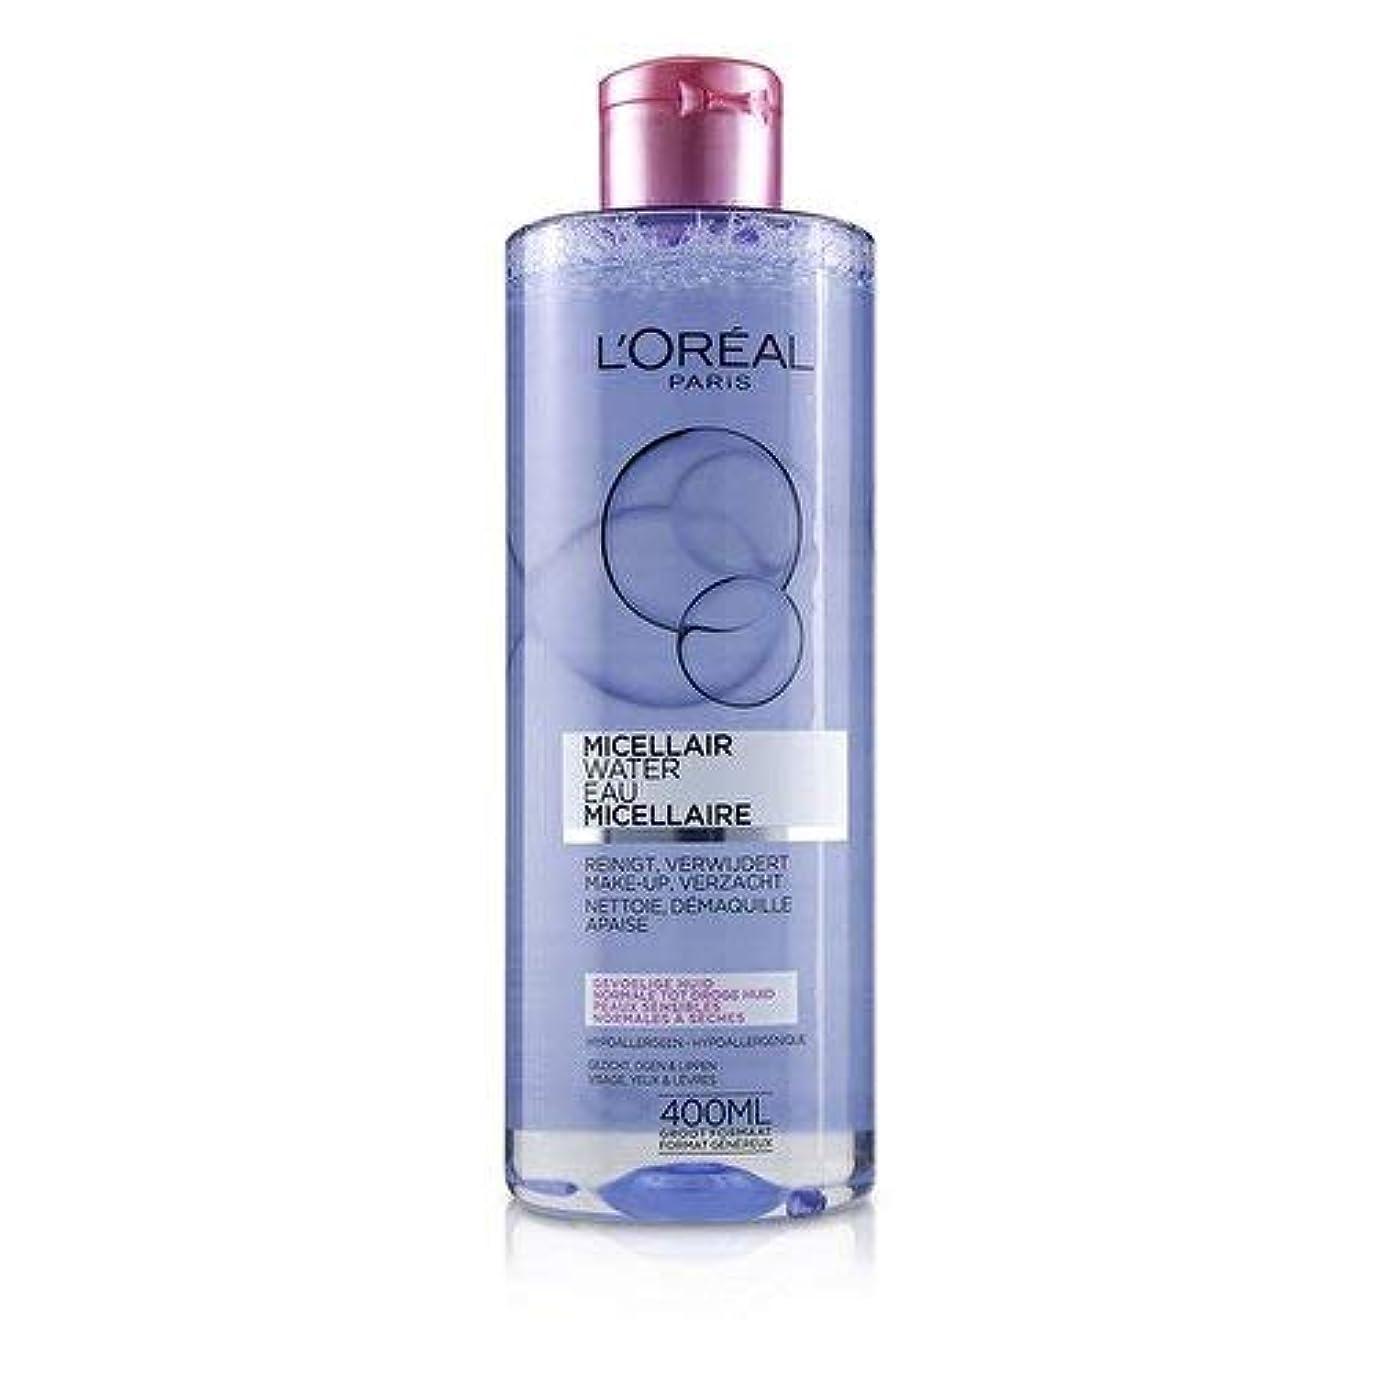 差荷物昼食ロレアル Micellar Water - Normal to Dry Skin & Even Sensitive Skin 400ml/13.3oz並行輸入品